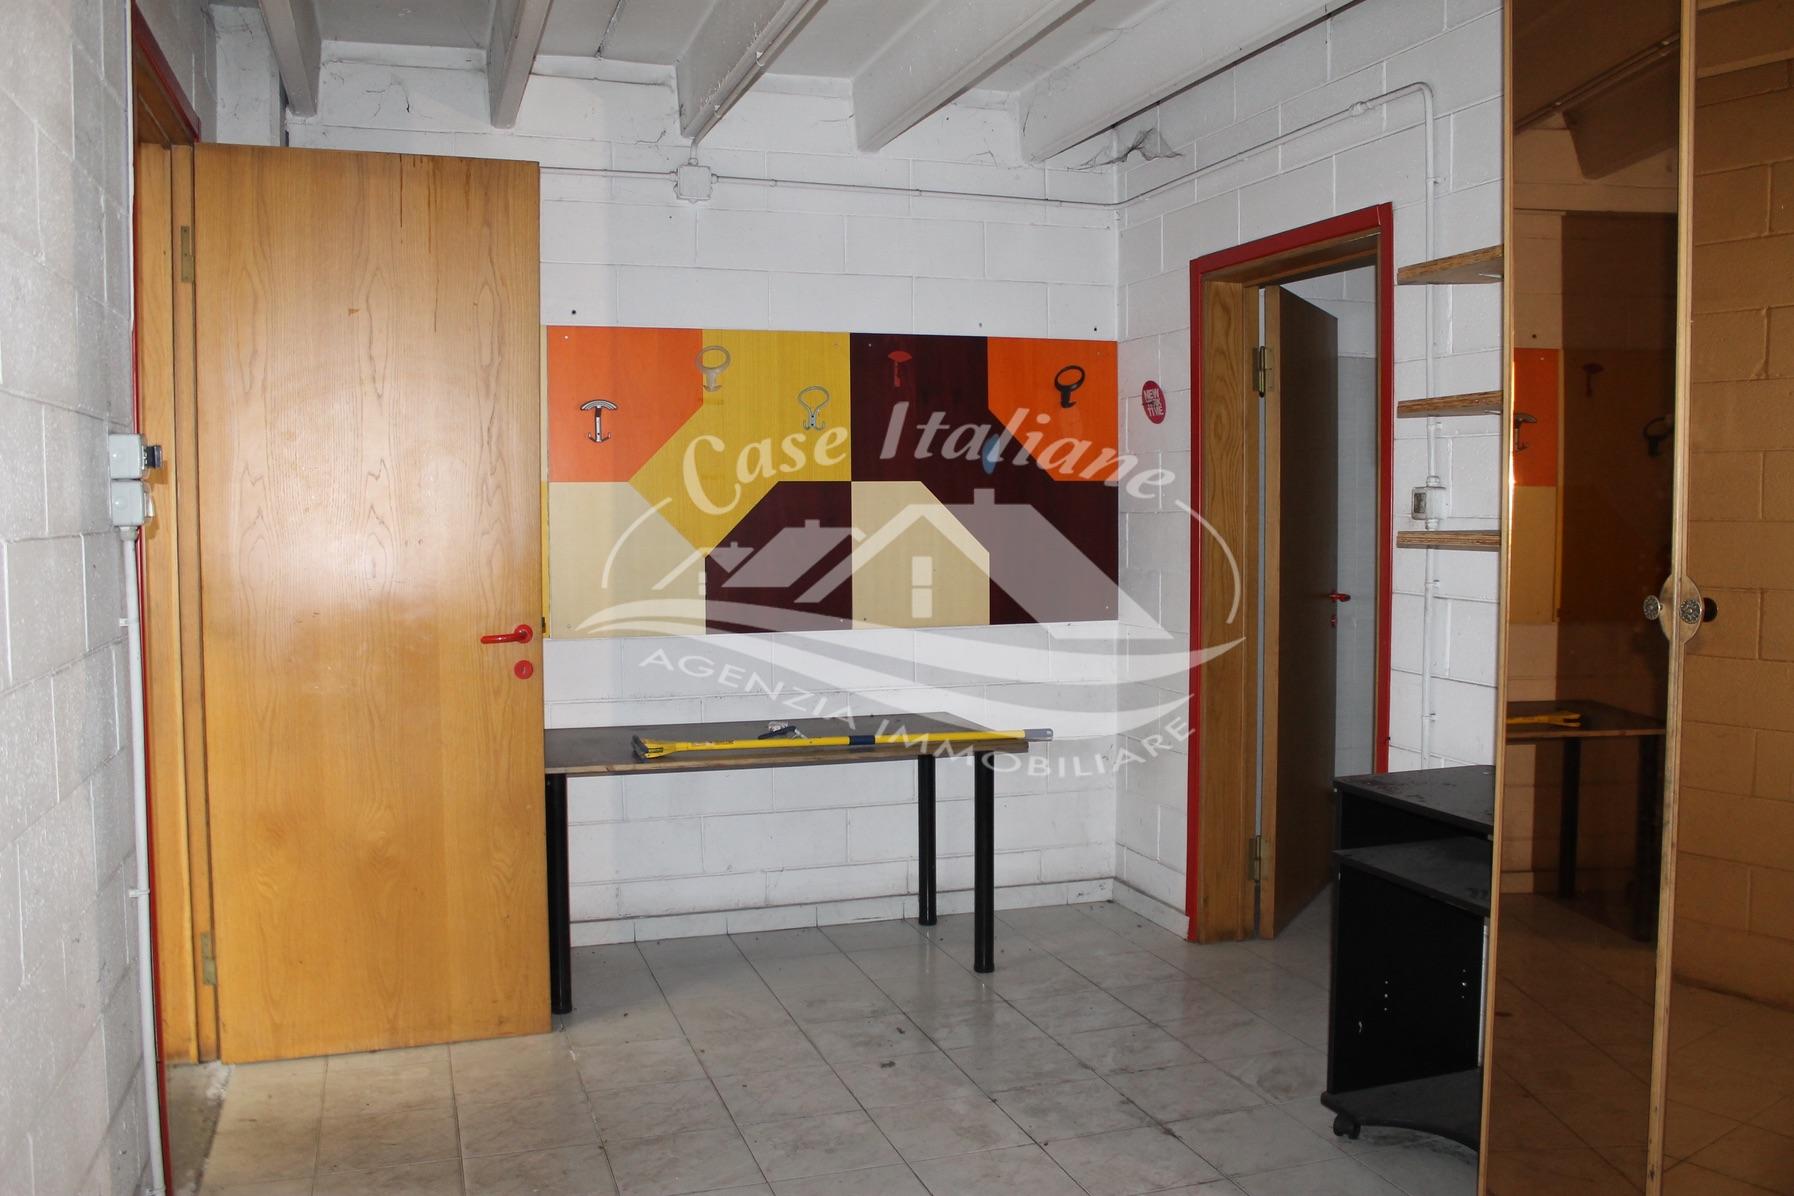 Img 8670 case italiane agenzia immobiliare cant for Negozi arredamento cantu